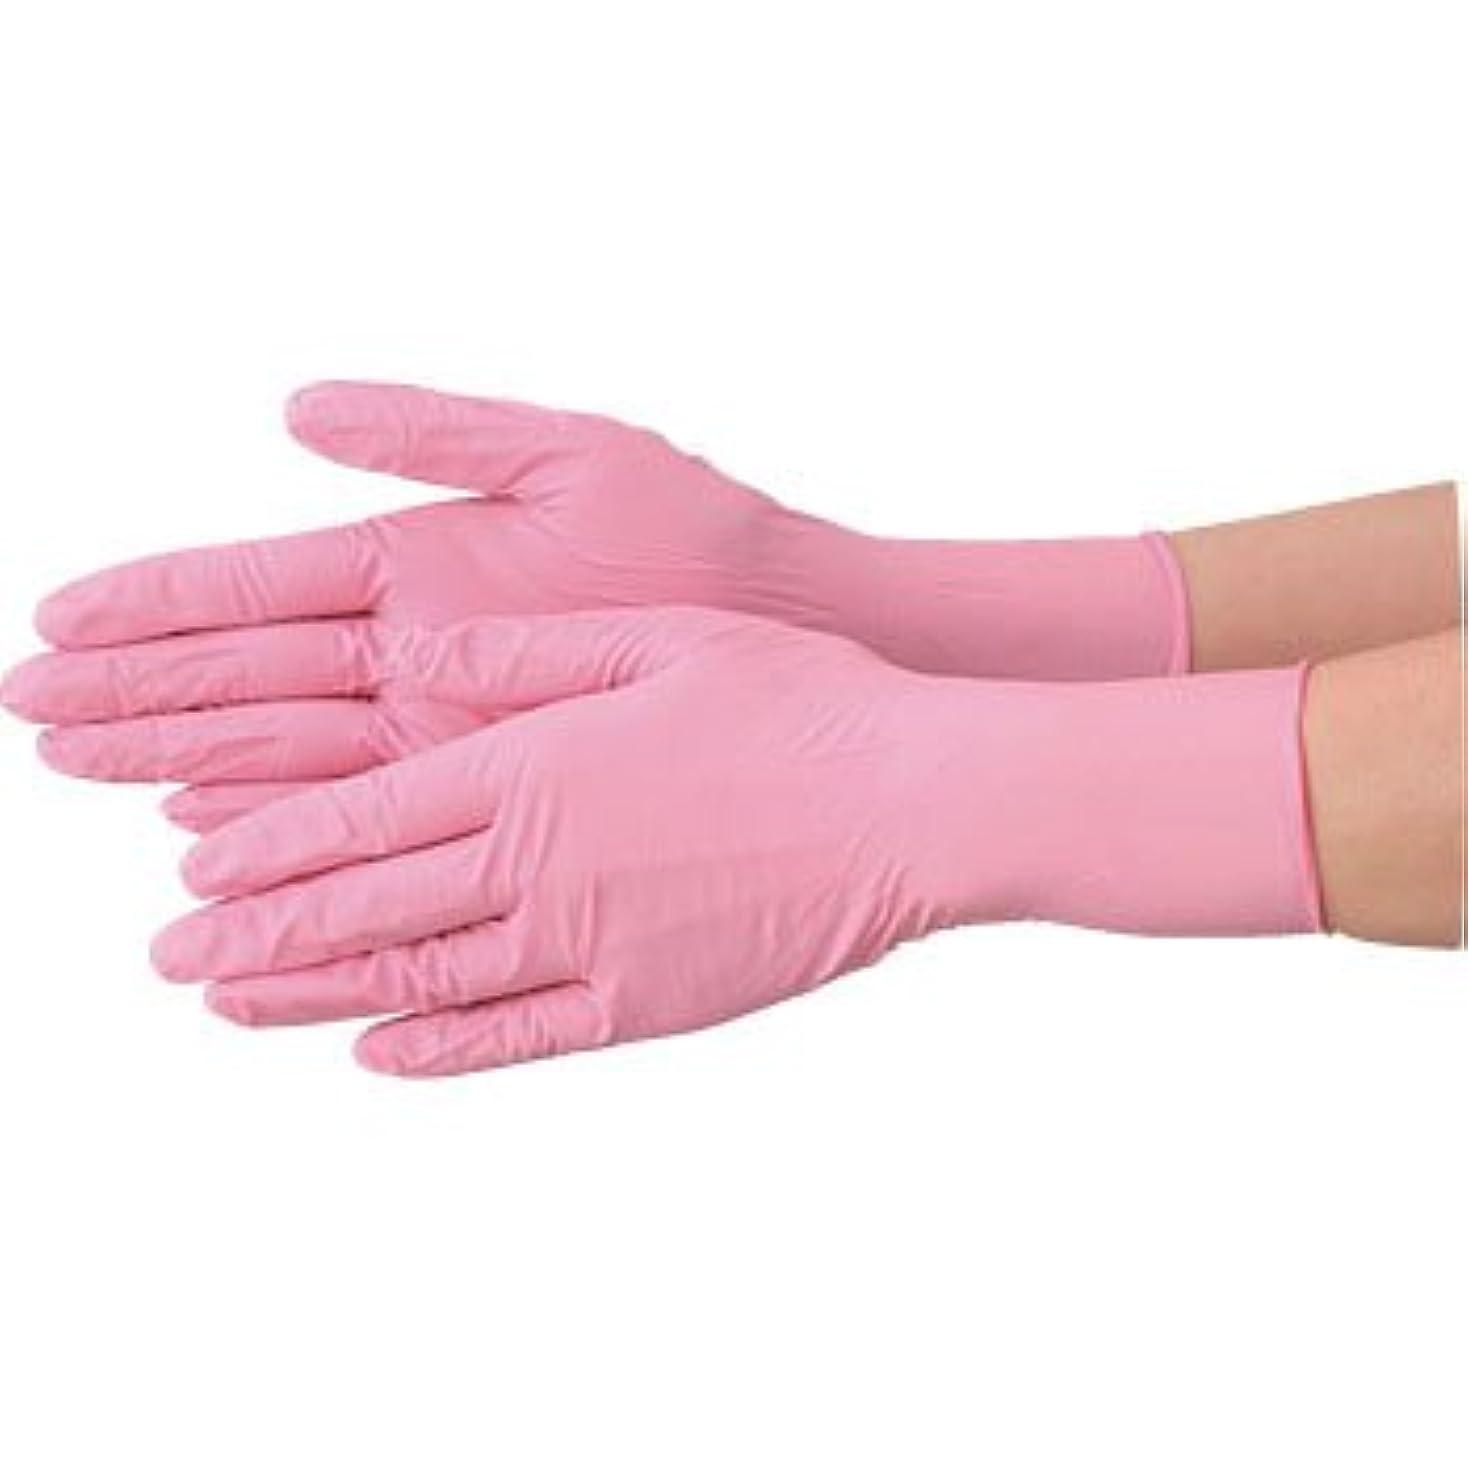 使い捨て 手袋 エブノ 570 ニトリル ピンク Sサイズ パウダーフリー 2ケース(100枚×60箱)